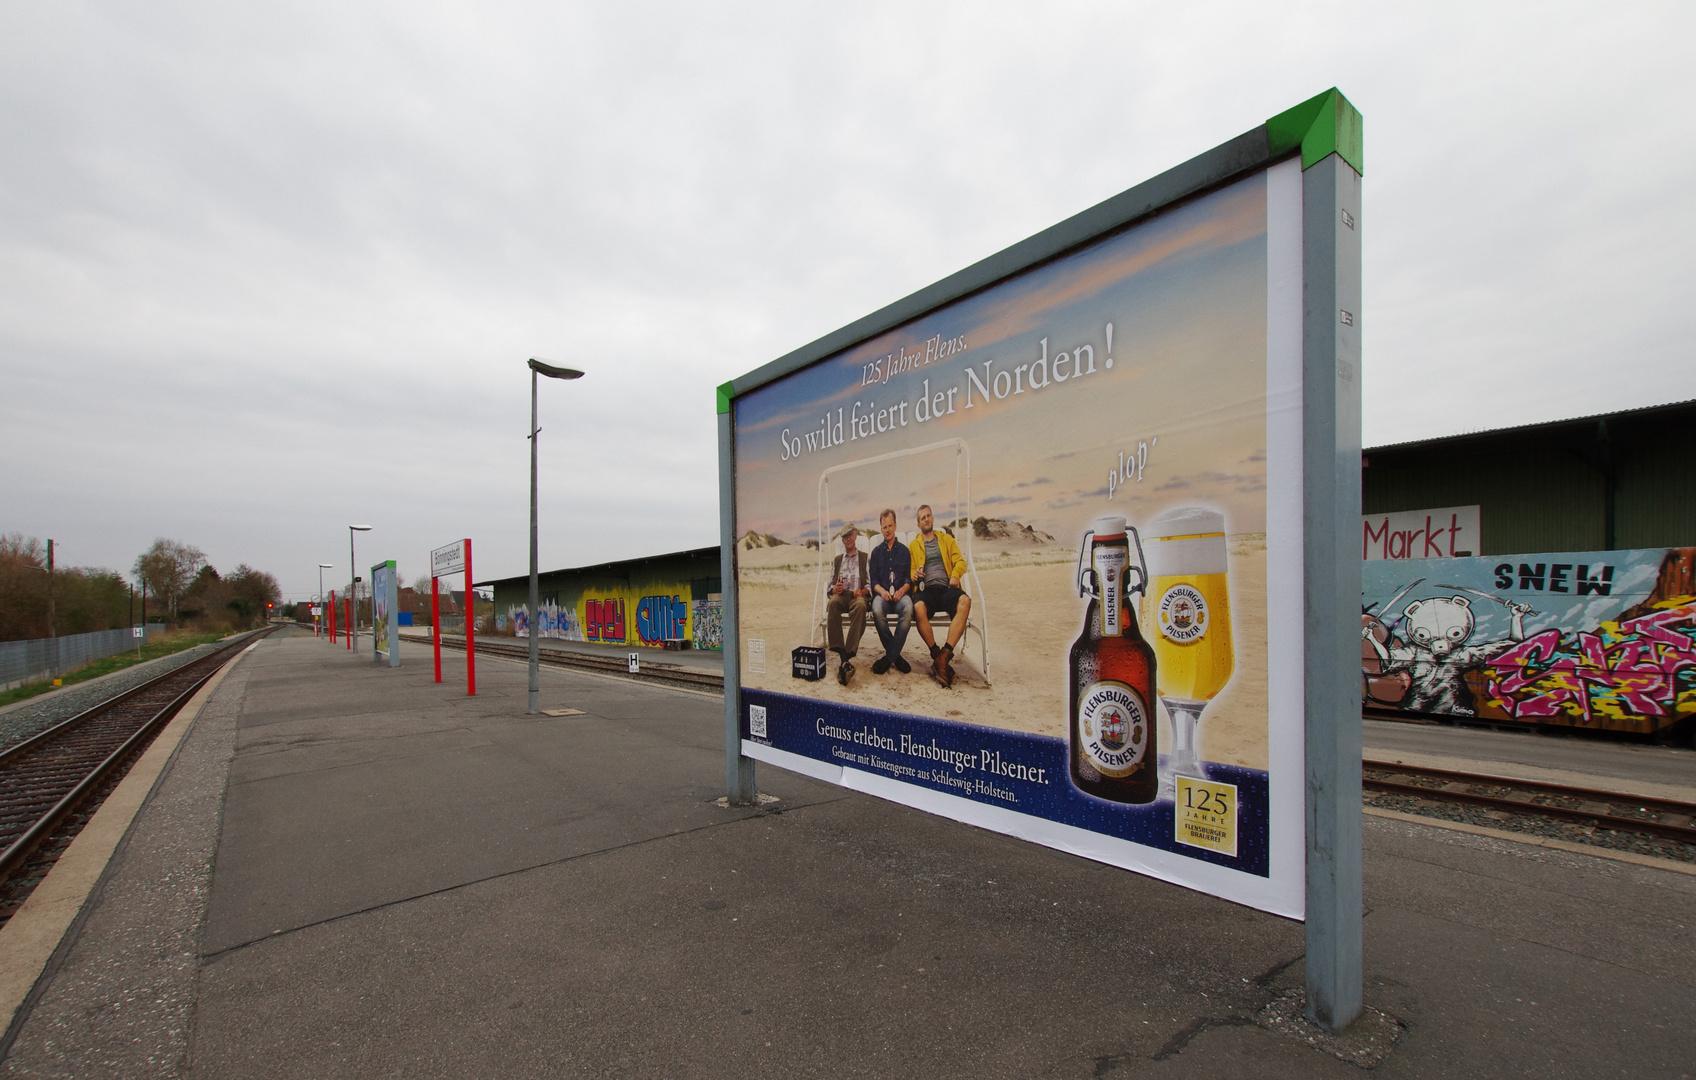 Bahnhof Bönningstedt: Weitwinkel extrem: 10 mm Brennweite